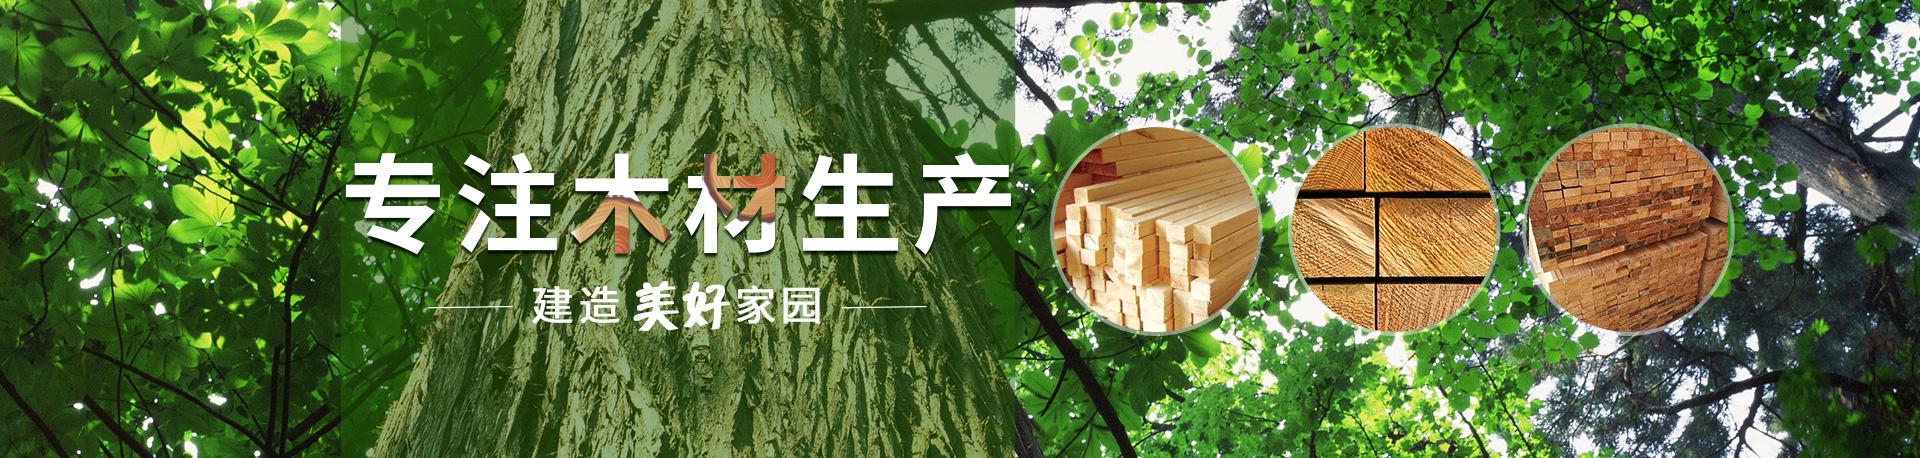 如何选择建筑木方,选择木方的方法